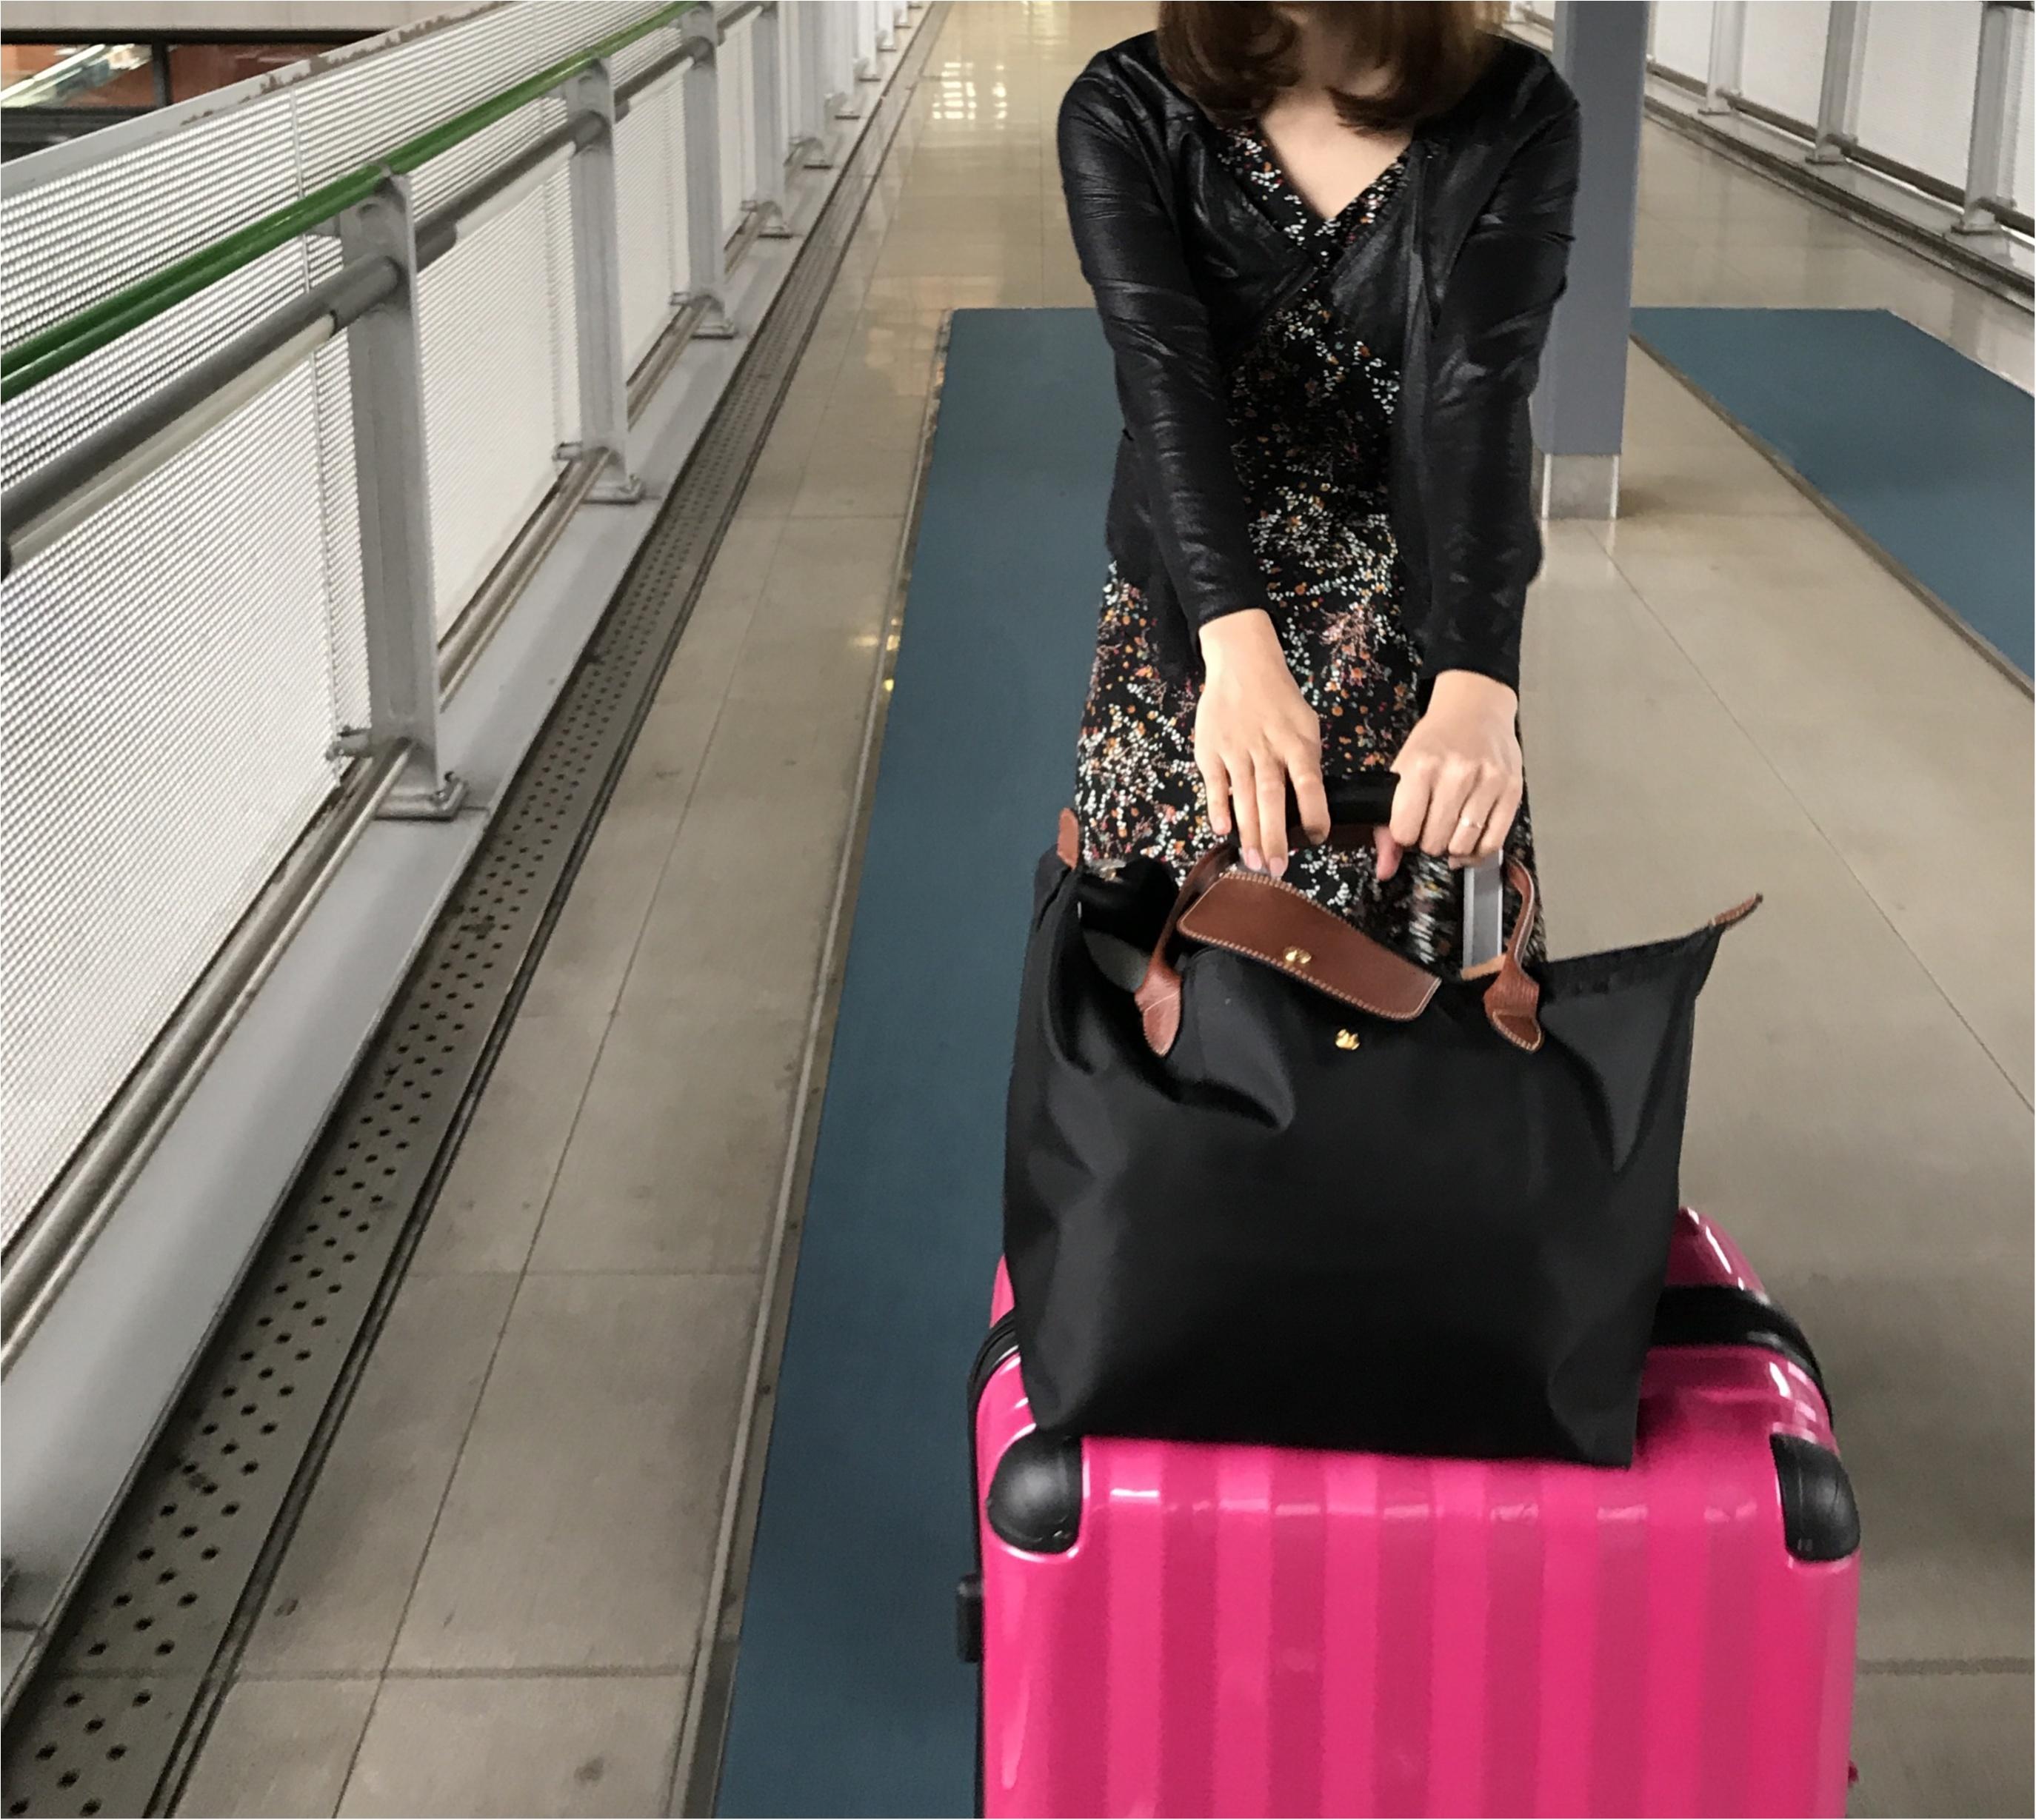 【travel】旅行におすすめのバッグやパッキング術、機内での服装など。役立つ情報をご紹介!_3